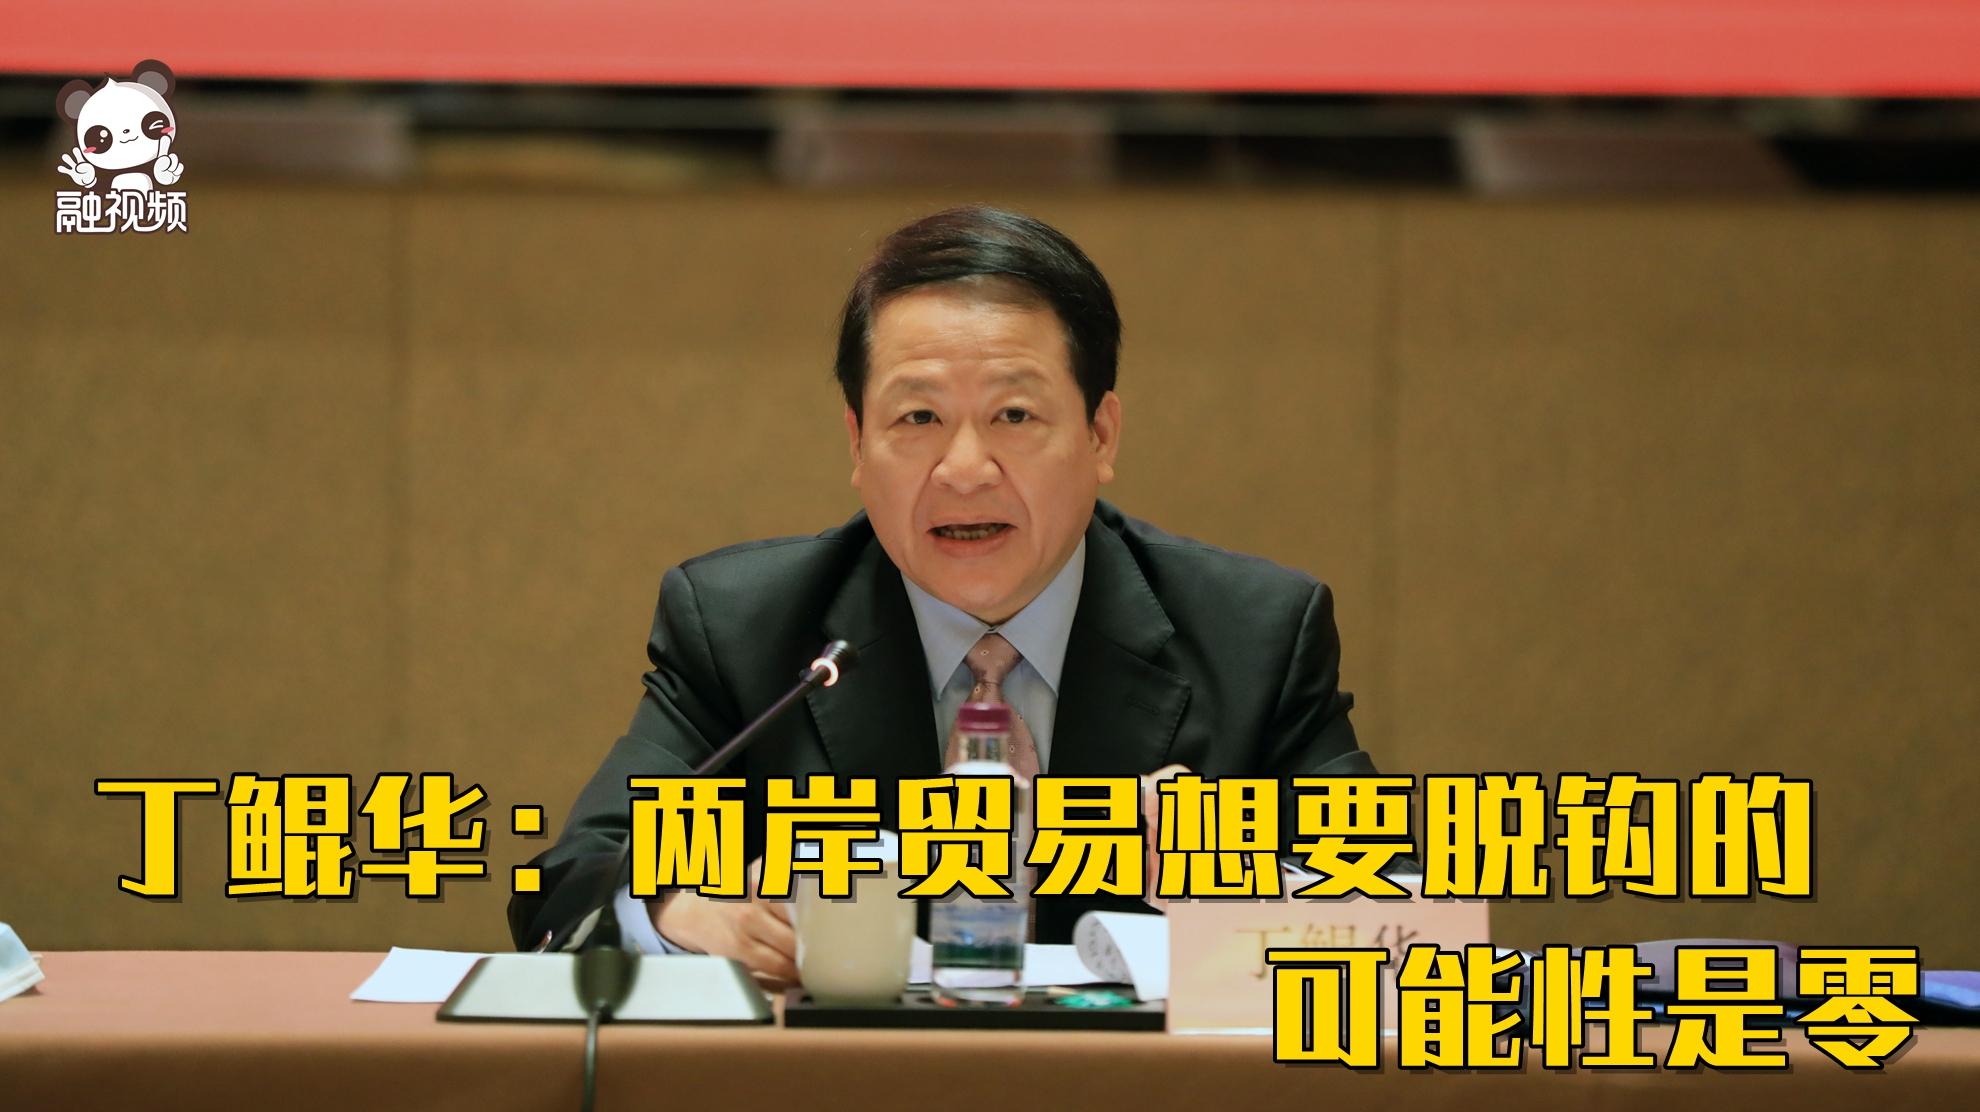 丁鲲华:两岸贸易想要脱钩的可能性是零图片